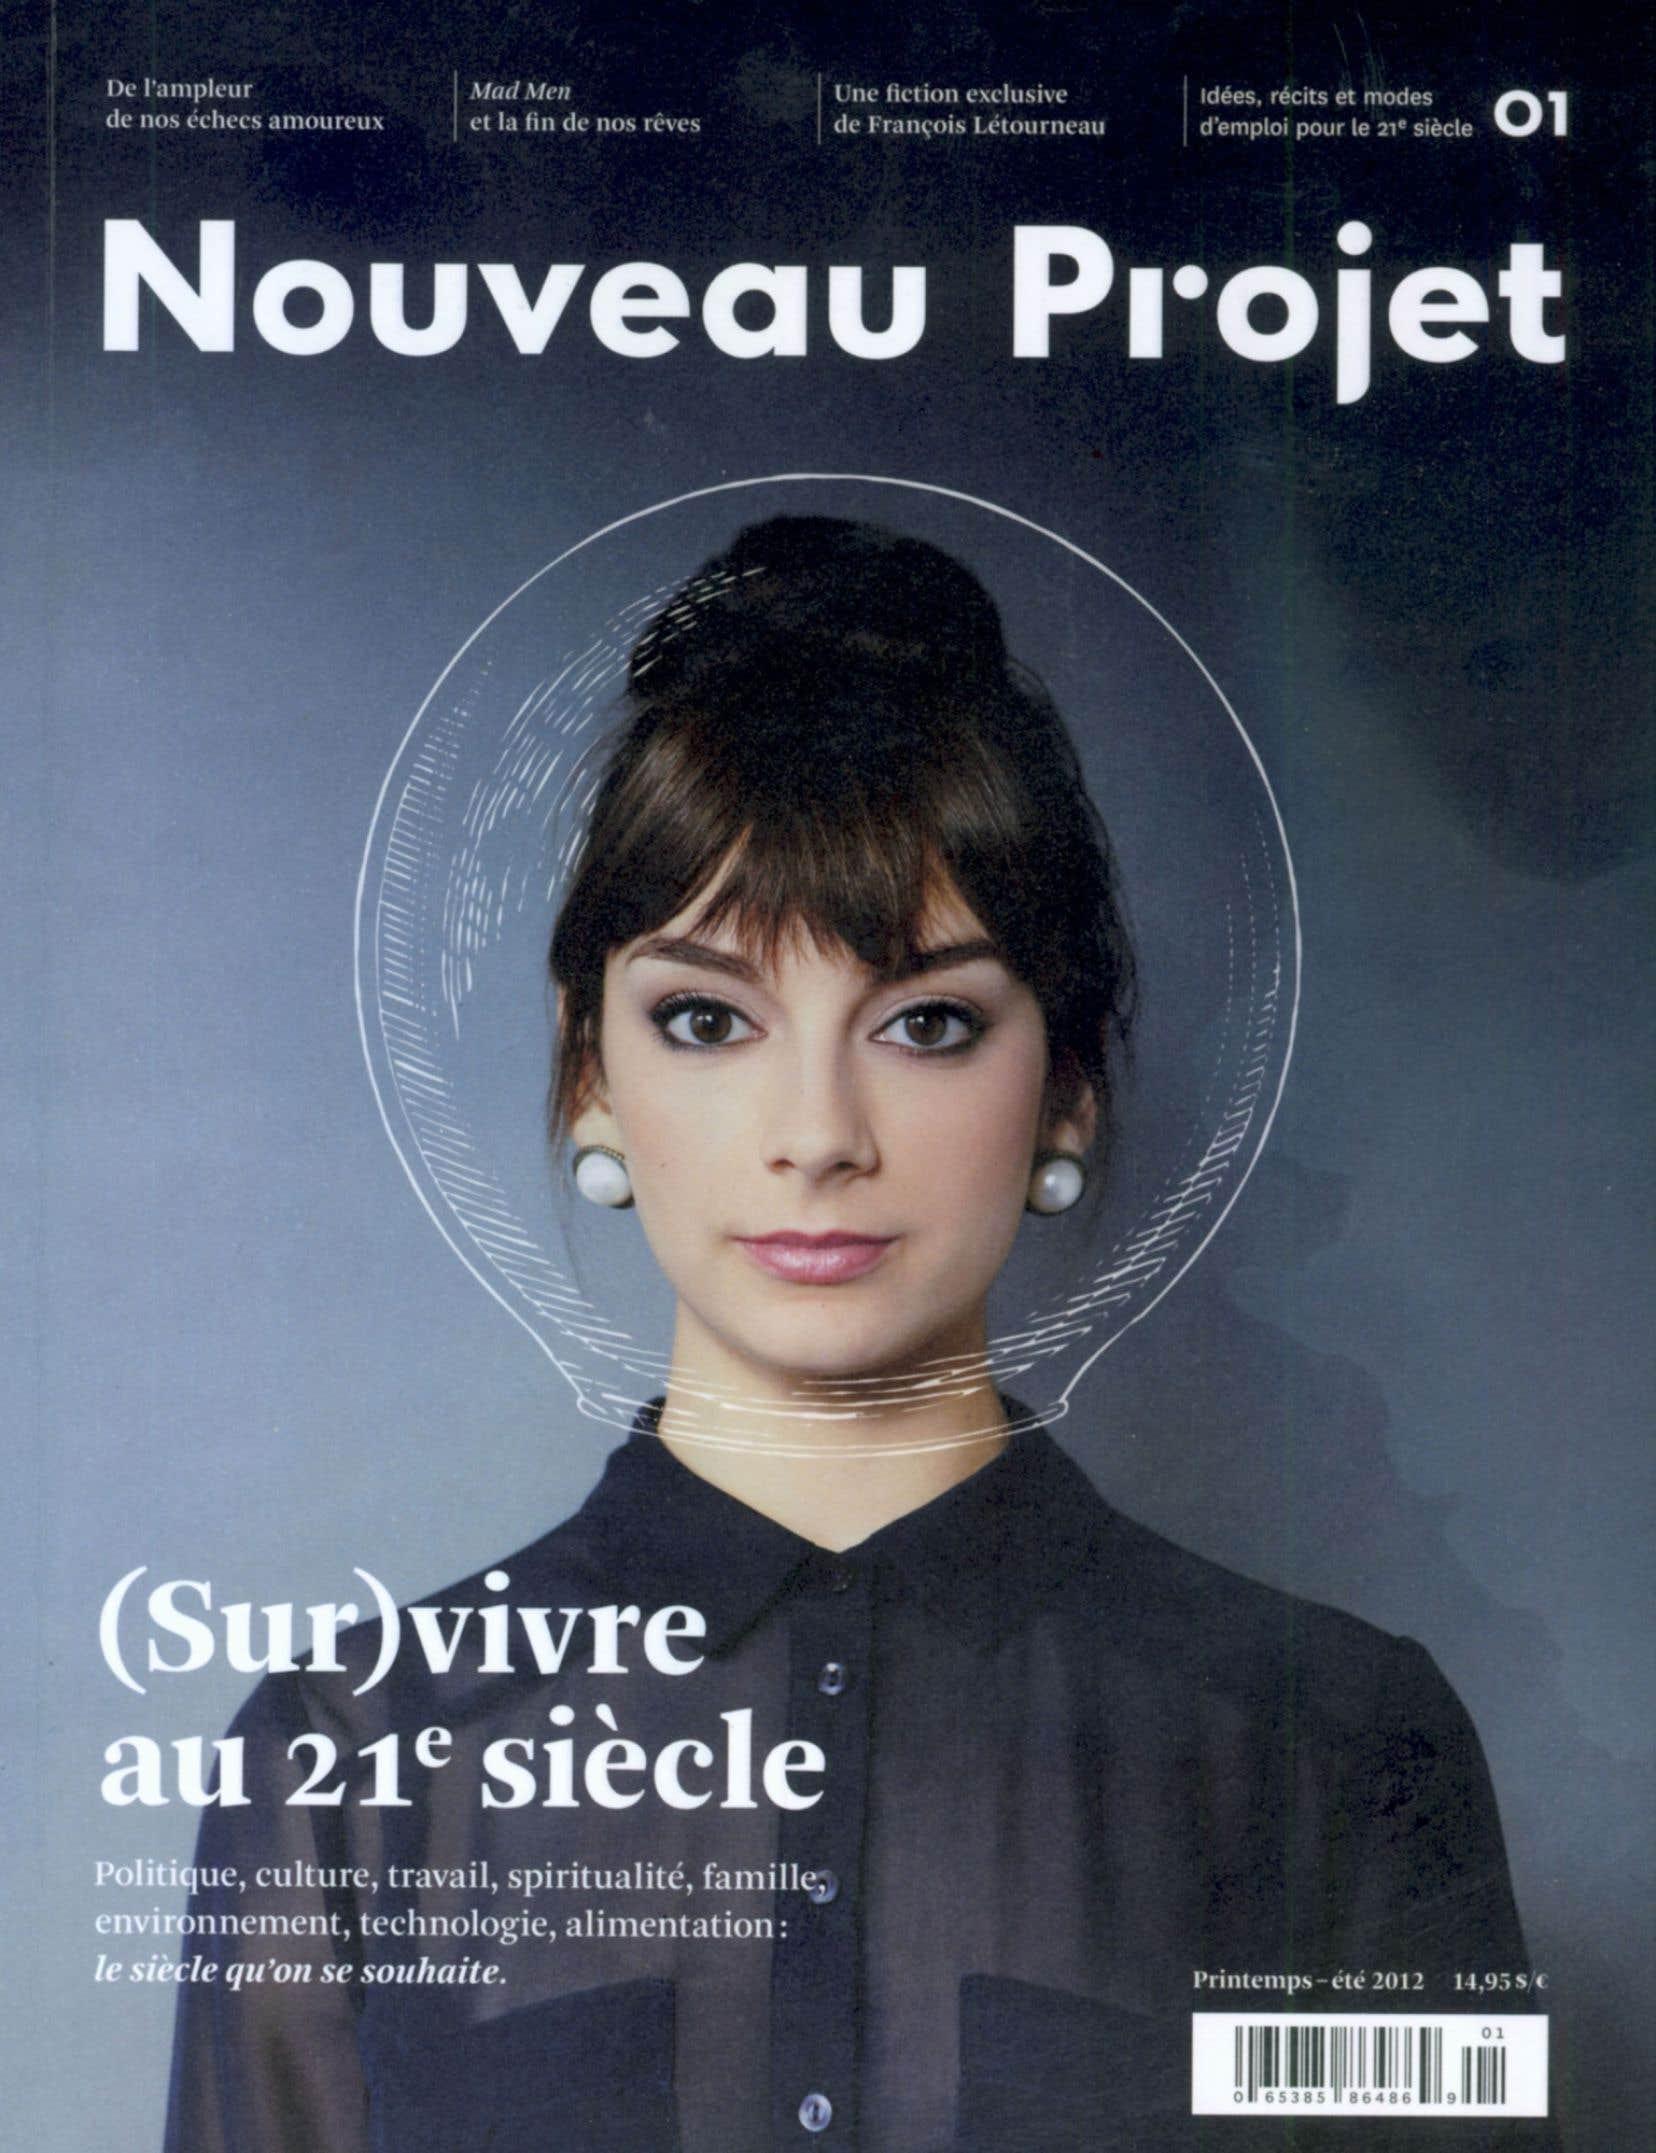 Le premier numéro de <em>Nouveau projet</em>, publié en 2012